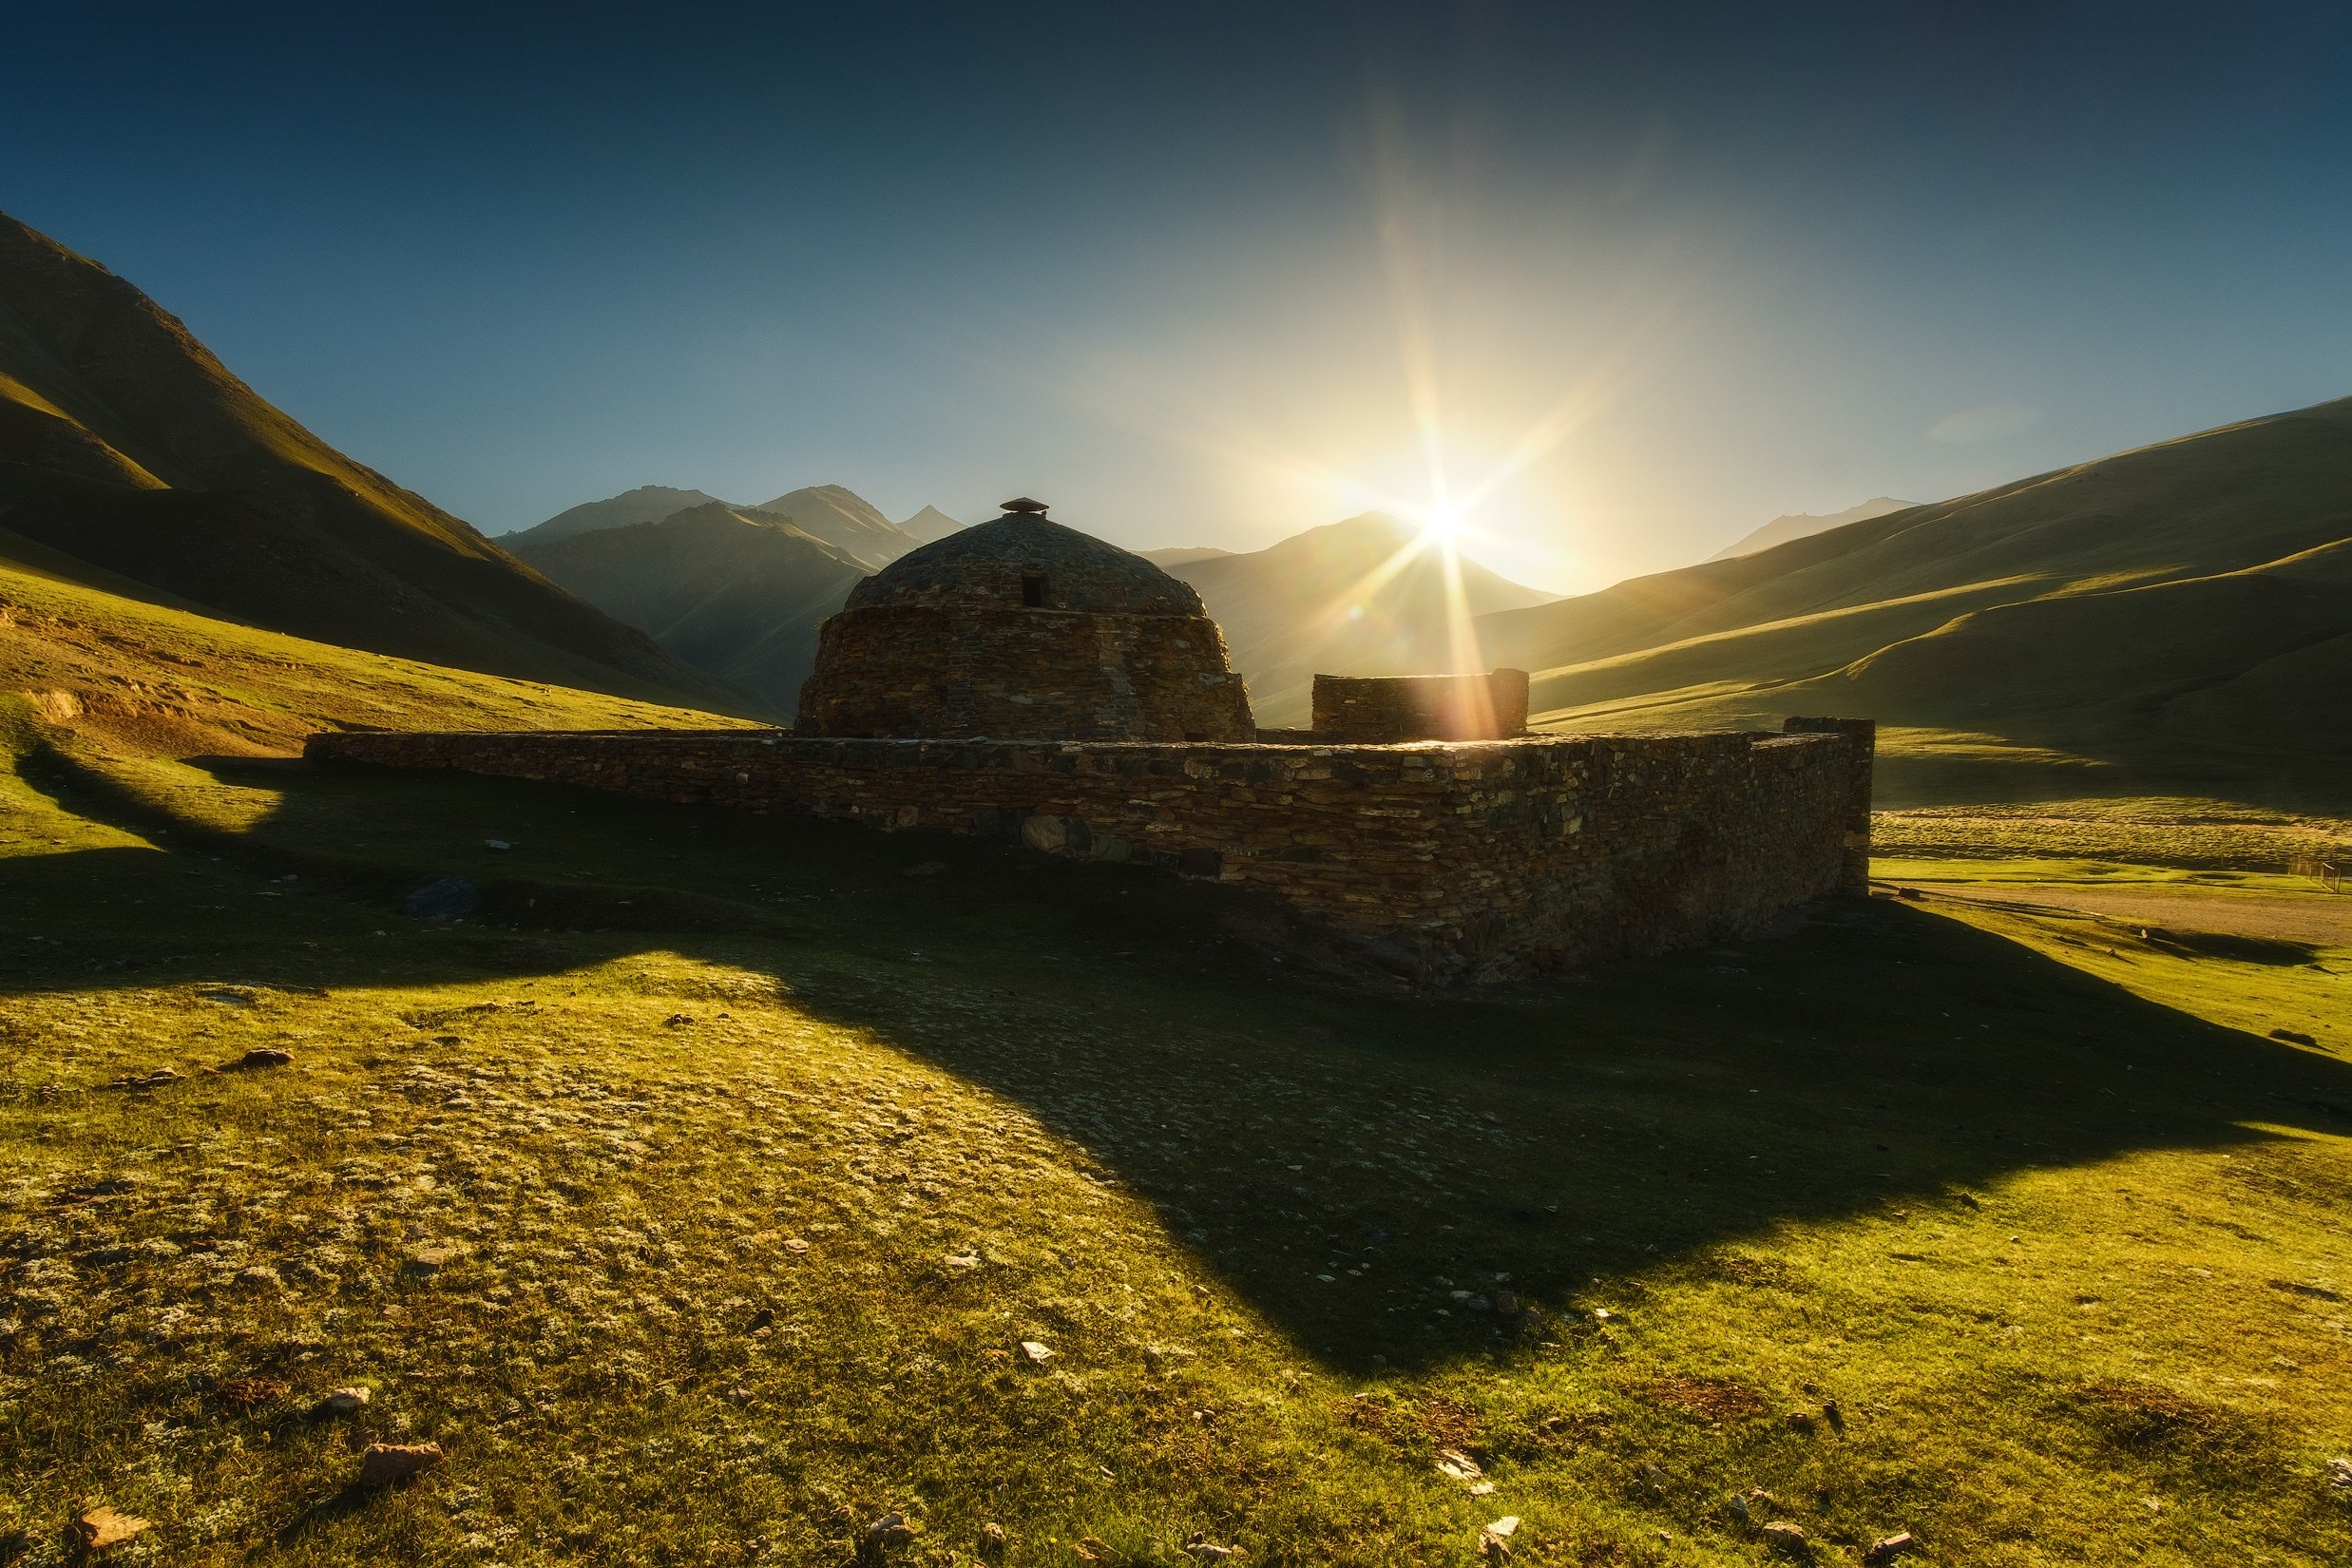 киргизия, кыргызстан, средняя азия, горы, ущелье, скалы, пейзаж, лето, солнце, каньон, утро, рассвет, караван-сарай, Оборотов Алексей